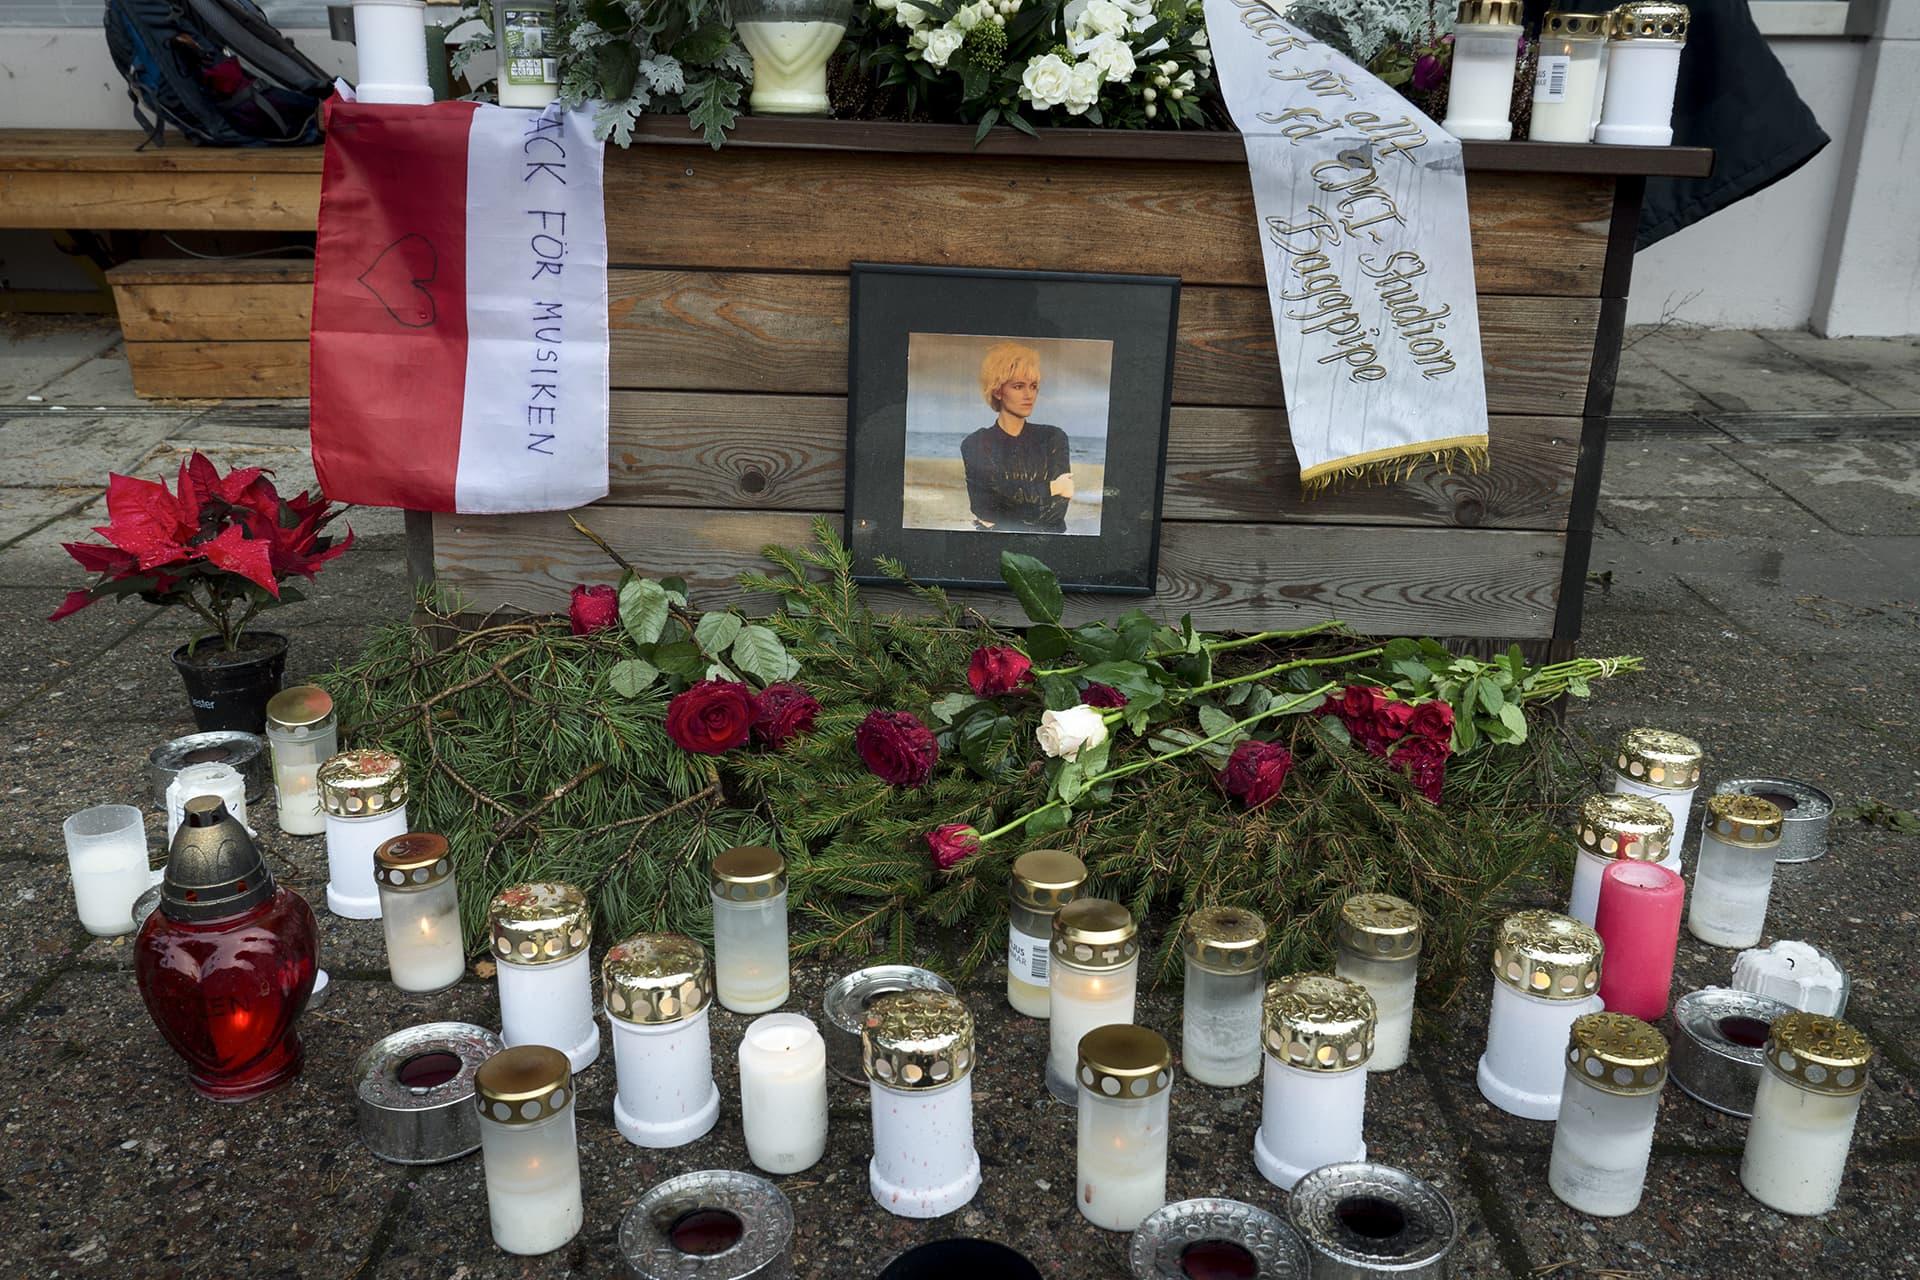 Kynttilöitä ja muistokukkia, sekä Marie Fredrikssonin kuva keskellä.